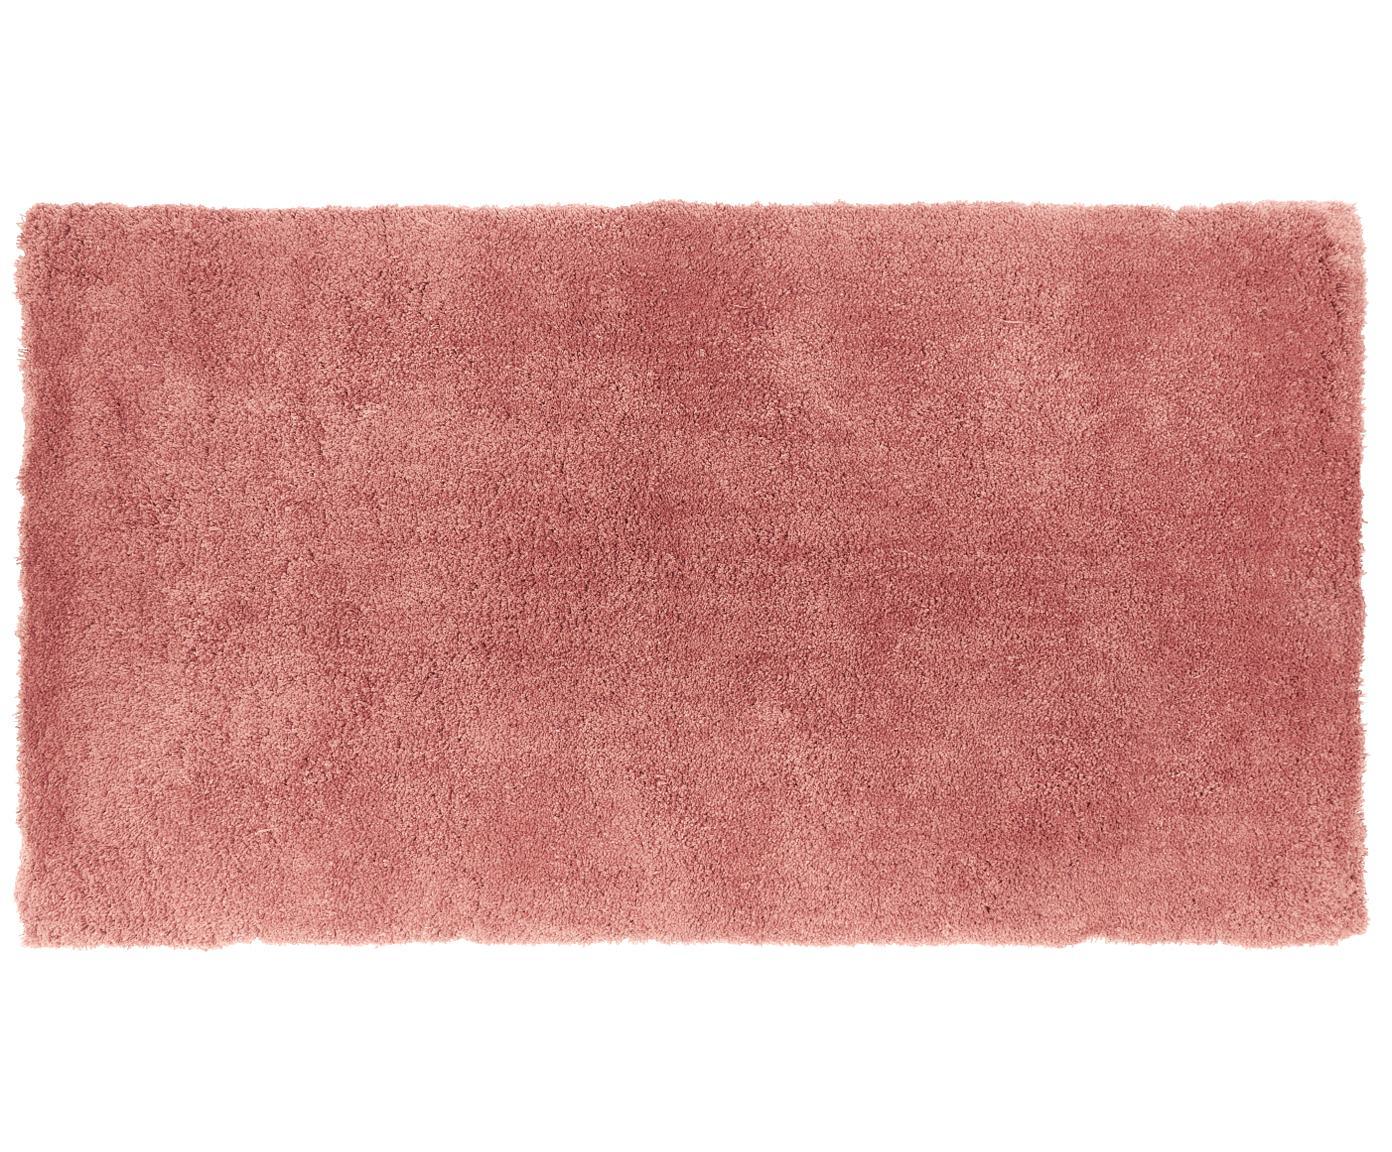 Pluizig hoogpolig vloerkleed Leighton in terracotta, Bovenzijde: 100% polyester (microveze, Onderzijde: 100% polyester, Terracotta, B 80 x L 150 cm (maat XS)